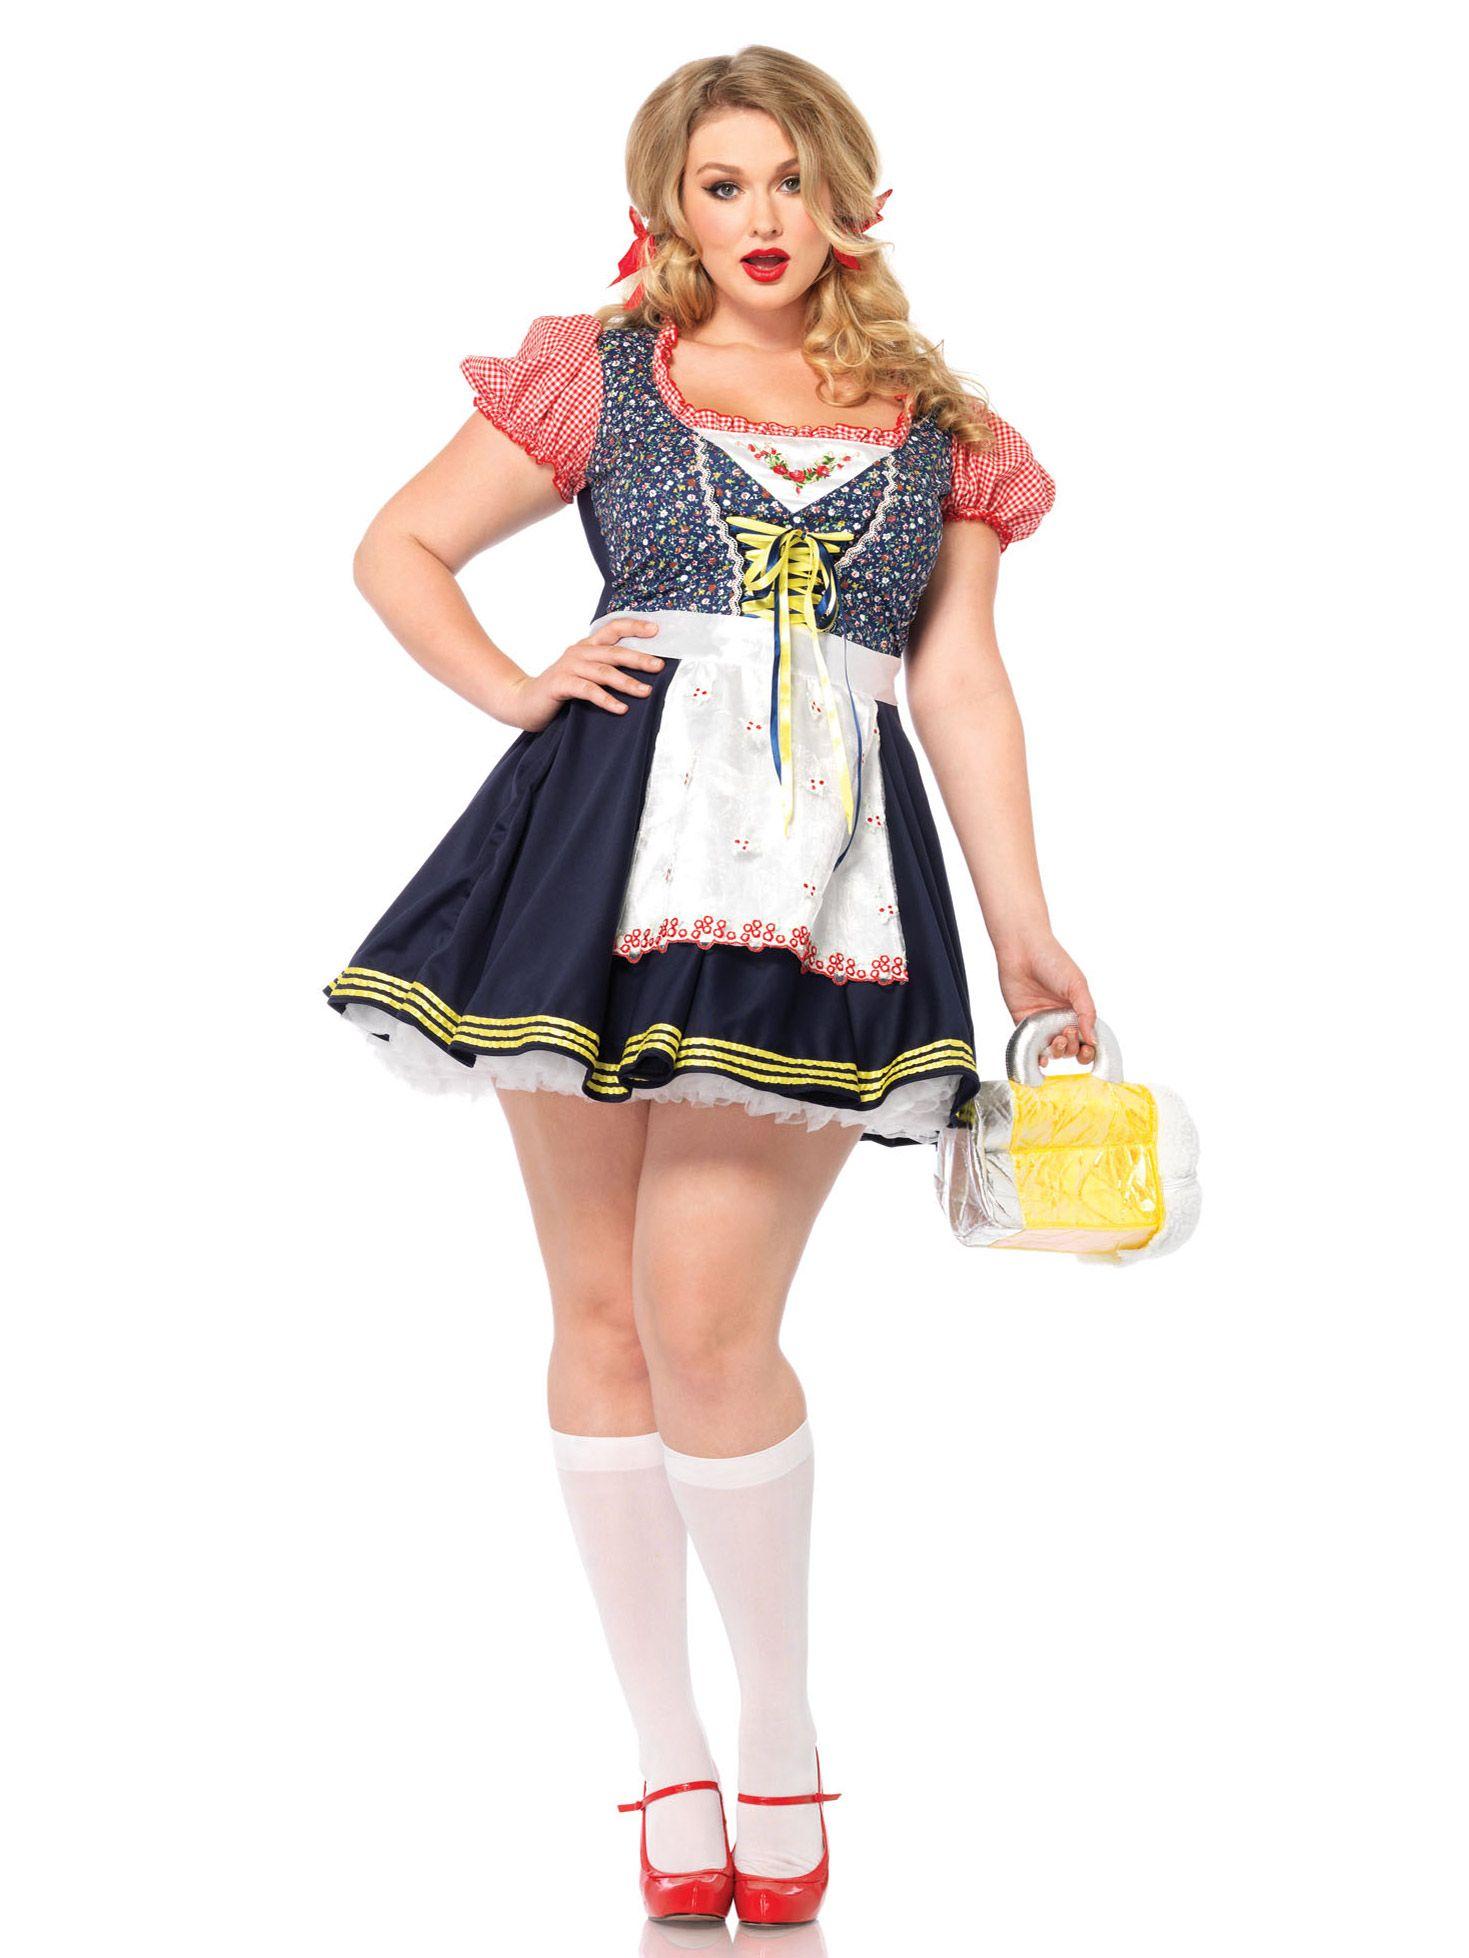 Bayerische Tracht für Damen: Das hübsche Kostüm als bayerisches Mädel besteht aus einem Kleid und einer Schürze (Strümpfe, Petticoat, Beutel und Schuhe sind nicht im Lieferumfang inbegriffen).Der Rock des Kleides ist in...